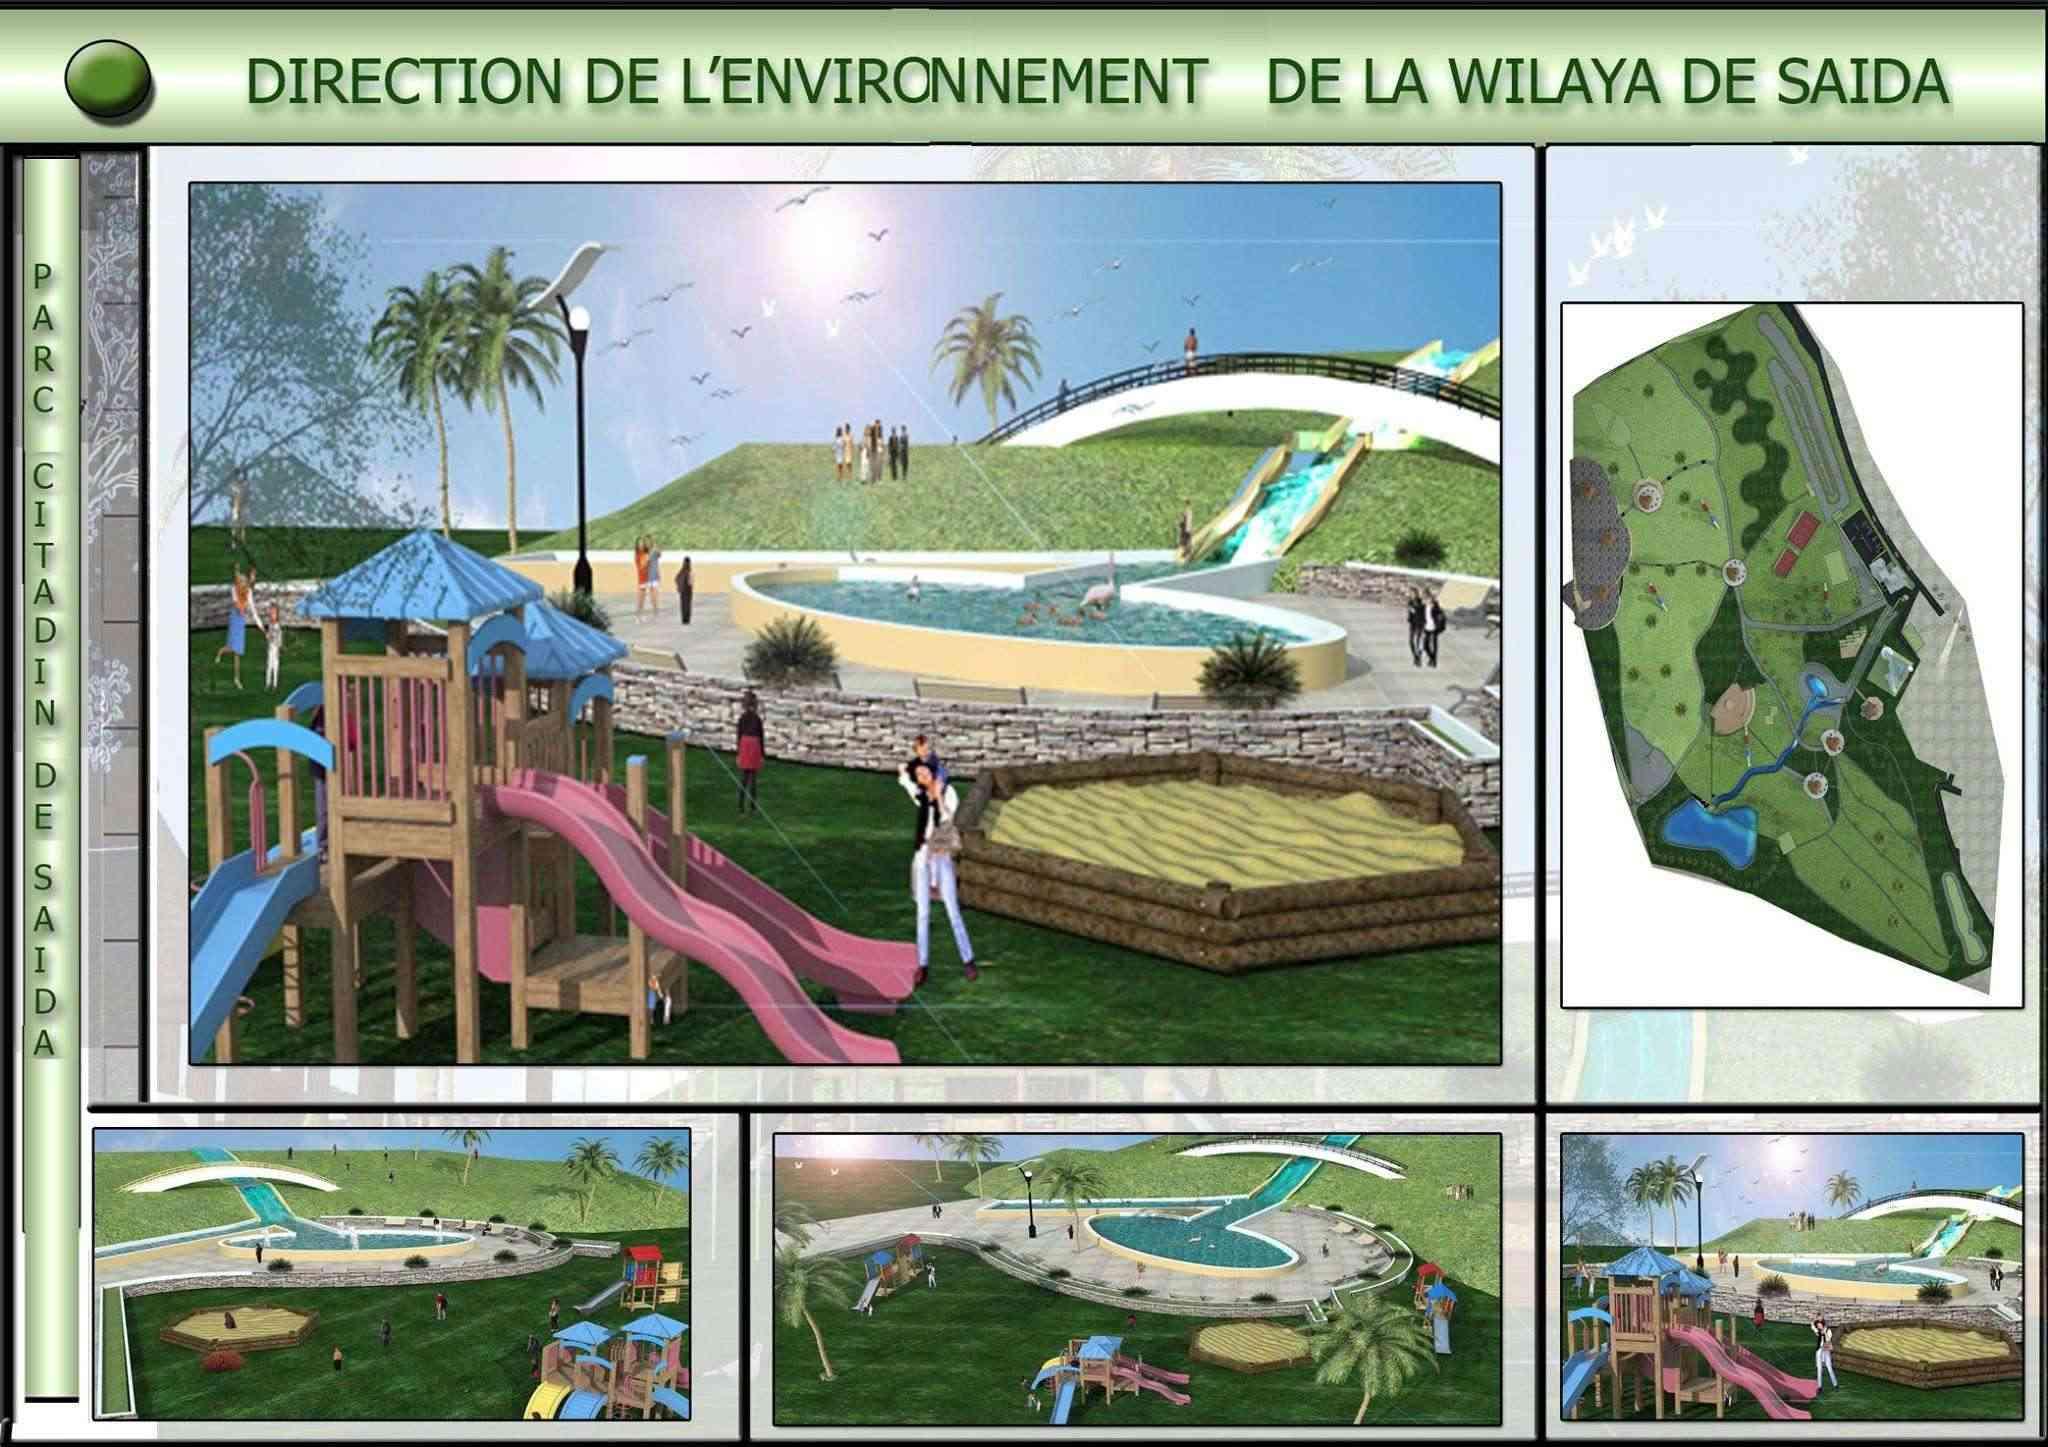 Le parc citadin d'El Bordj SAIDA Tt210